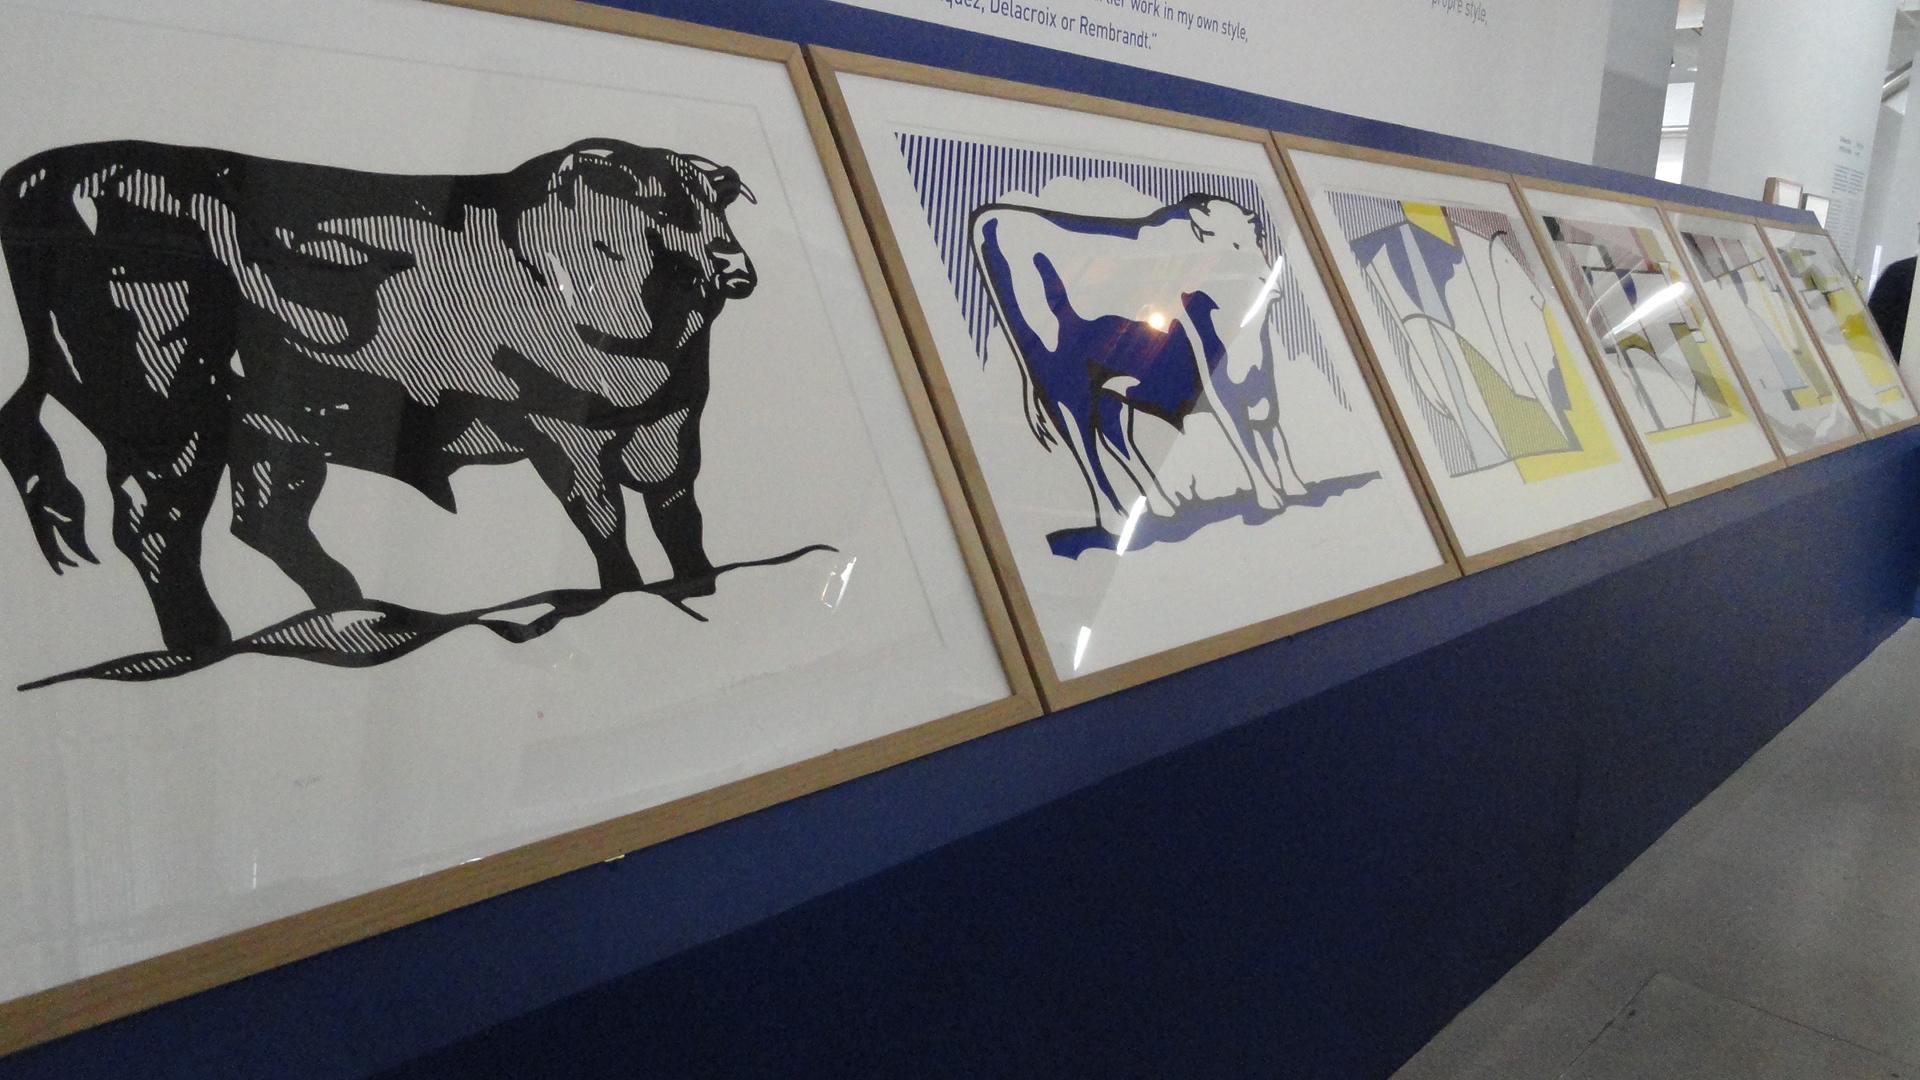 Rétrospective de Roy Lichtenstein, Centre Pompidou - L'art comme sujet